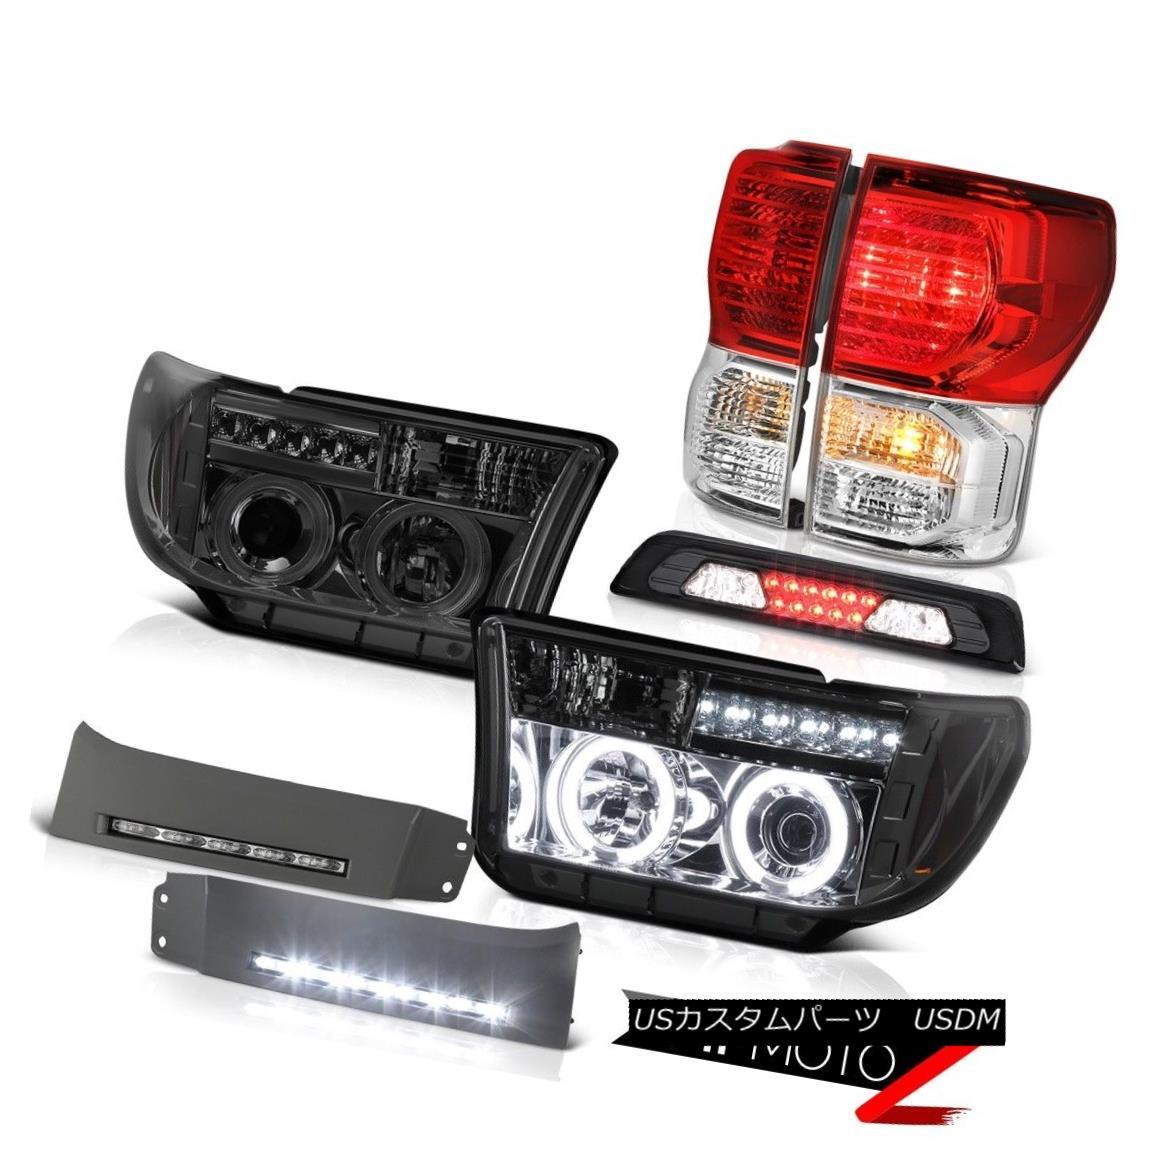 テールライト 07-13 Toyota Tundra SR5 DRL Strip Roof Cab Light Red Taillights Headlamps Cool 07-13トヨタトンドラSR5 DRLストリップルーフキャブライトレッドテールライトヘッドランプクール